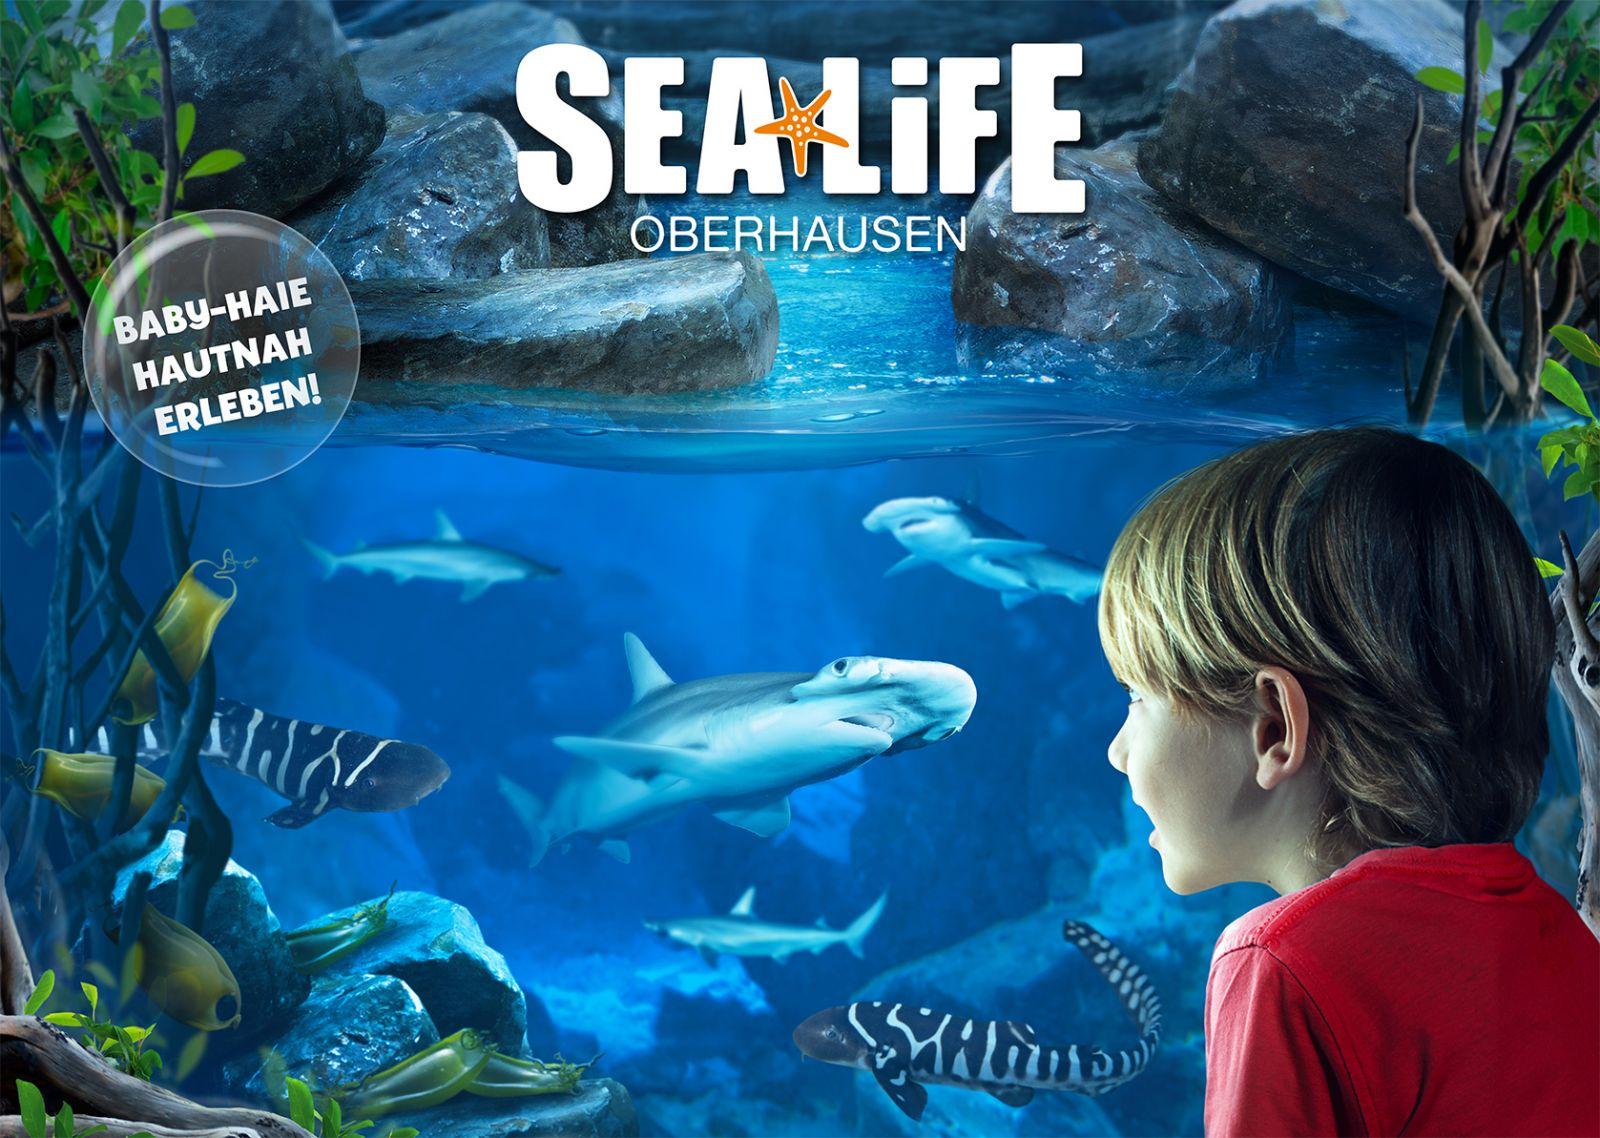 sea life köln